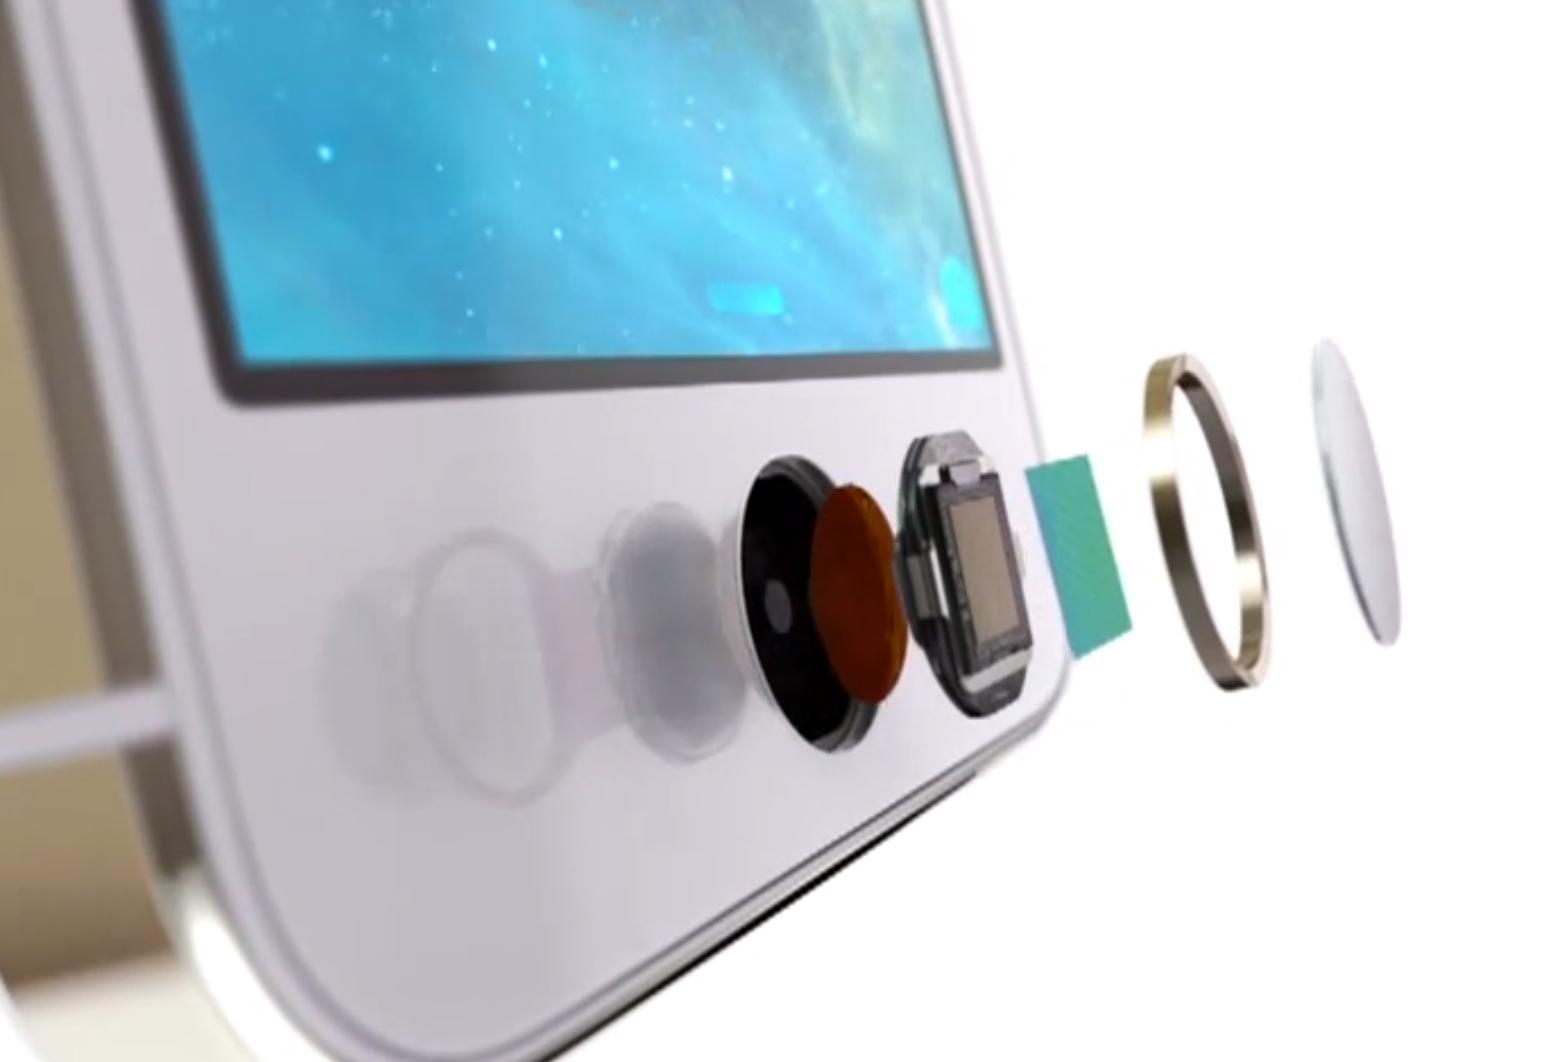 Ο μύθος του φθηνού iphone και τα δακτυλικά σας αποτυπώματα